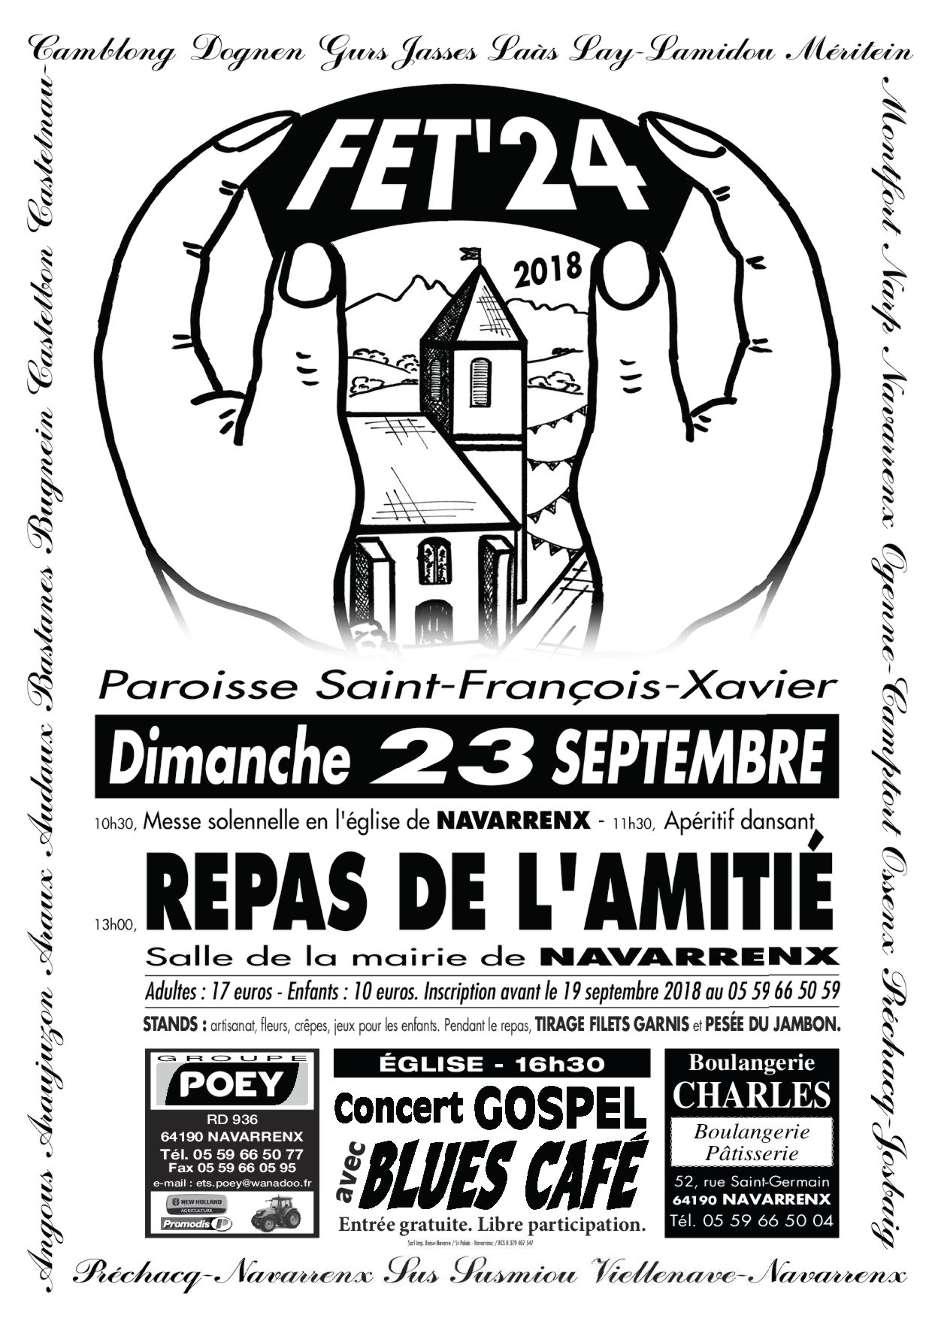 Fêt'24 - Kermesse dimanche 23 septembre 2018